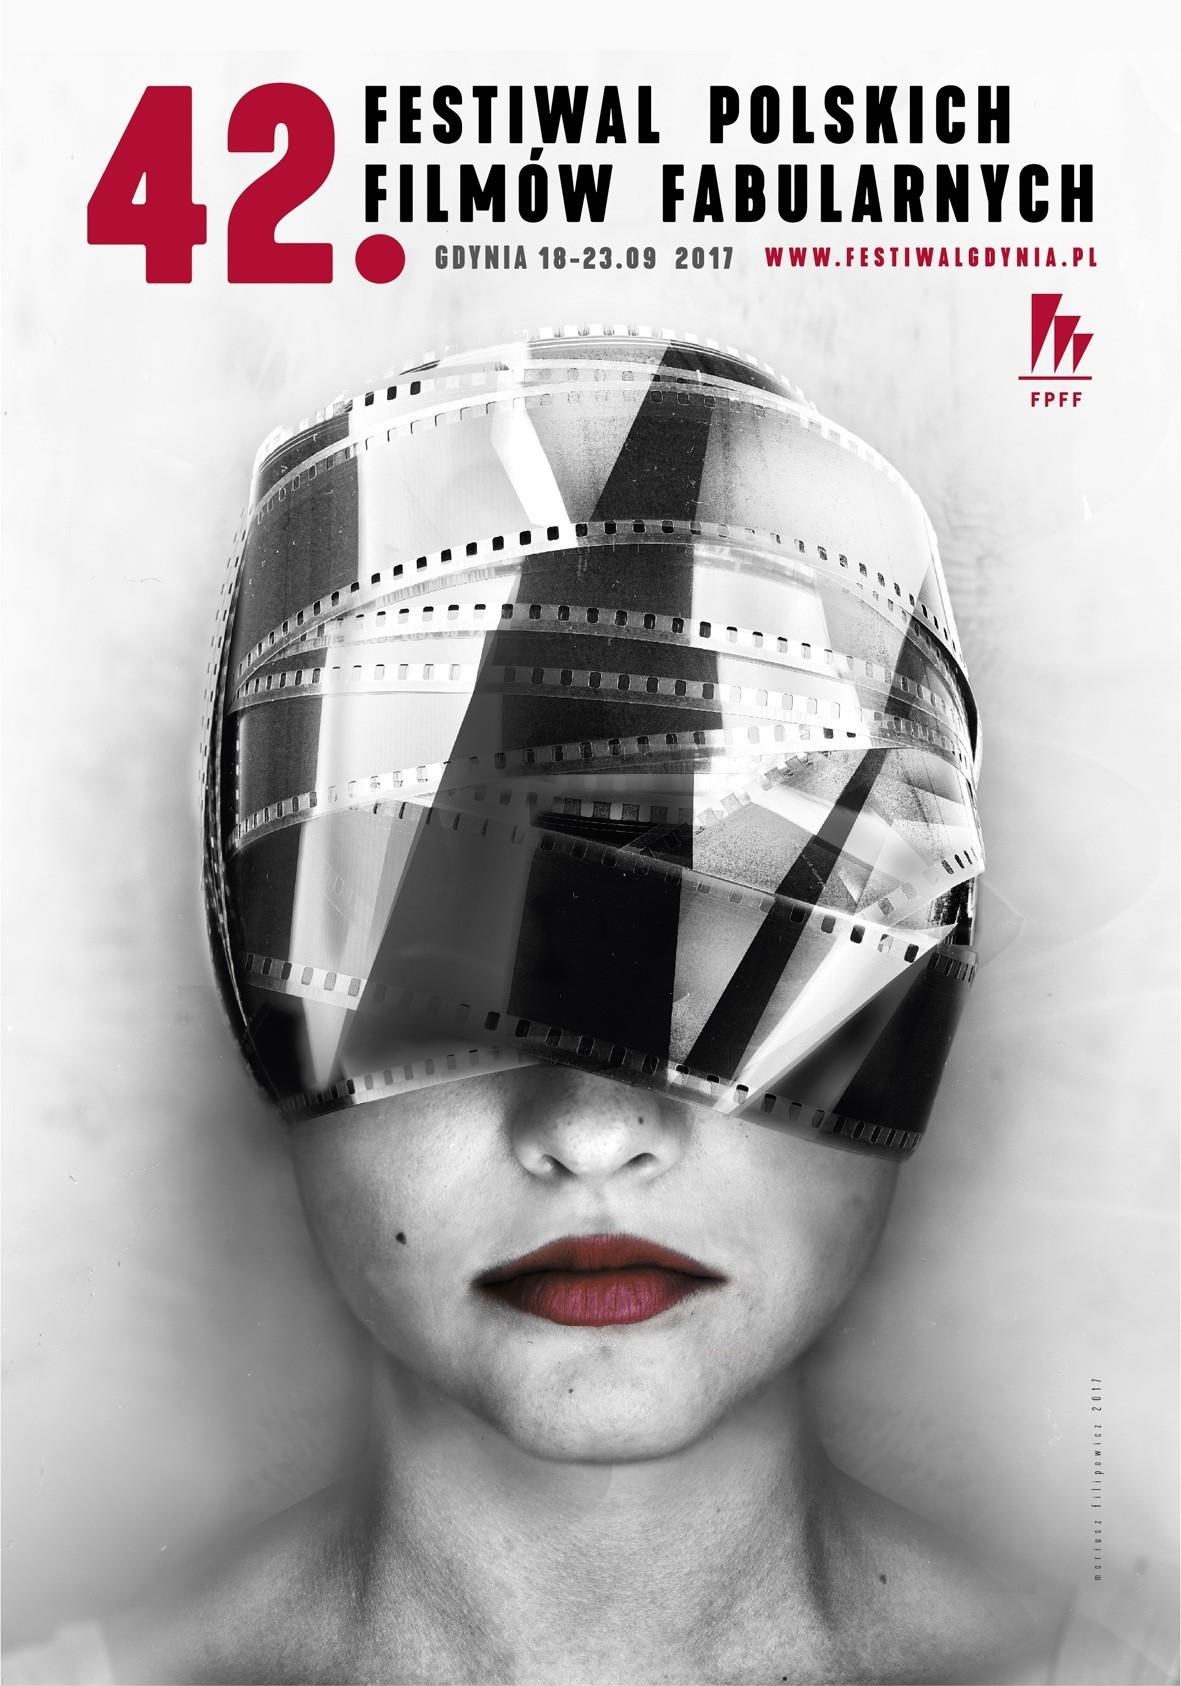 Trwa Festiwal Polskich Filmów Fabularnych w Gdyni